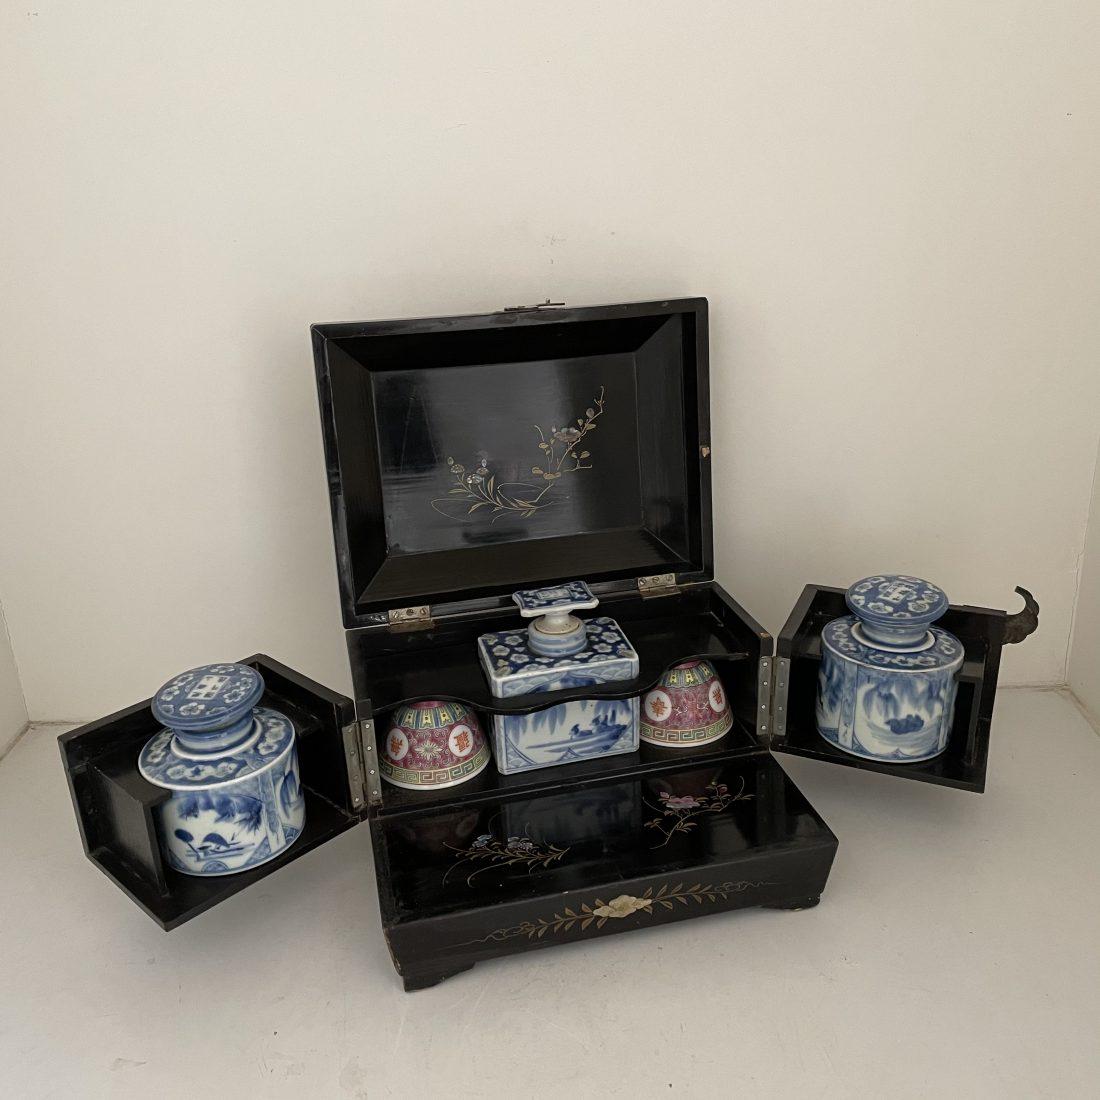 Een zwart gelakt houten kistje met 3 blauw/witte porseleinen theebussen, China, midden 19e eeuw